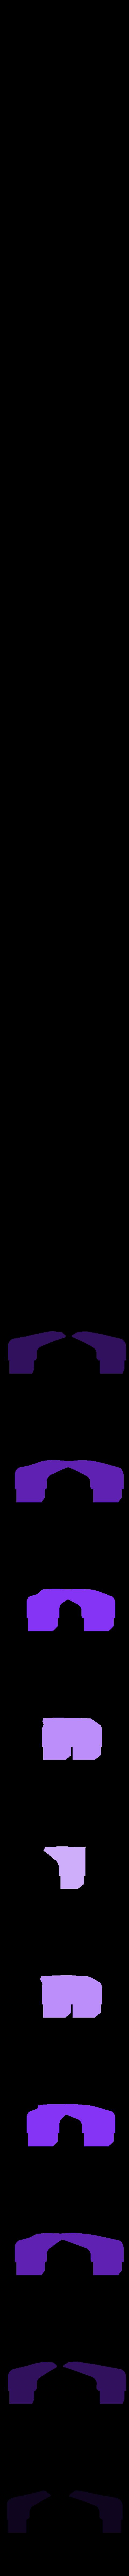 cr-blt-fanducts.stl Télécharger fichier STL gratuit CReality (E2/3/4, CR10) double ventilateur de refroidissement 5015 pièces avec support BLTouch • Objet pour imprimante 3D, artspam